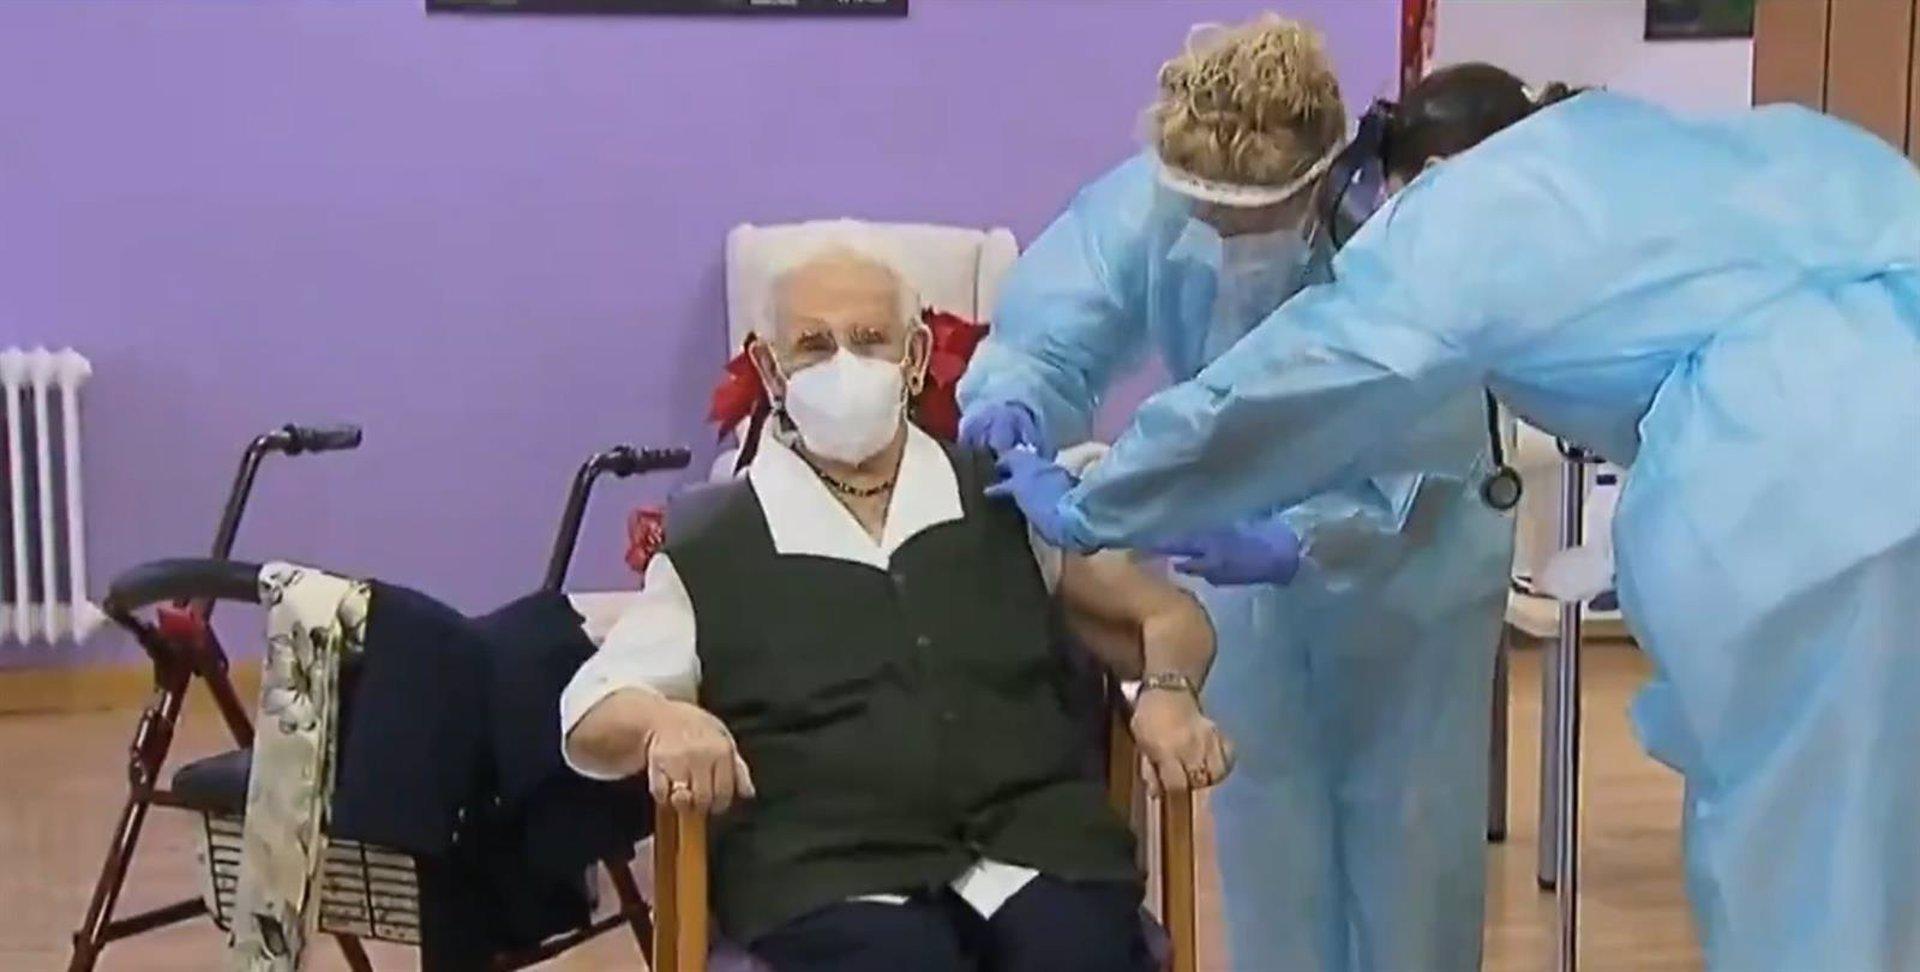 Araceli, de 96 años y oriunda de Guadix, es la primera persona vacunada contra el Covid-19 en España